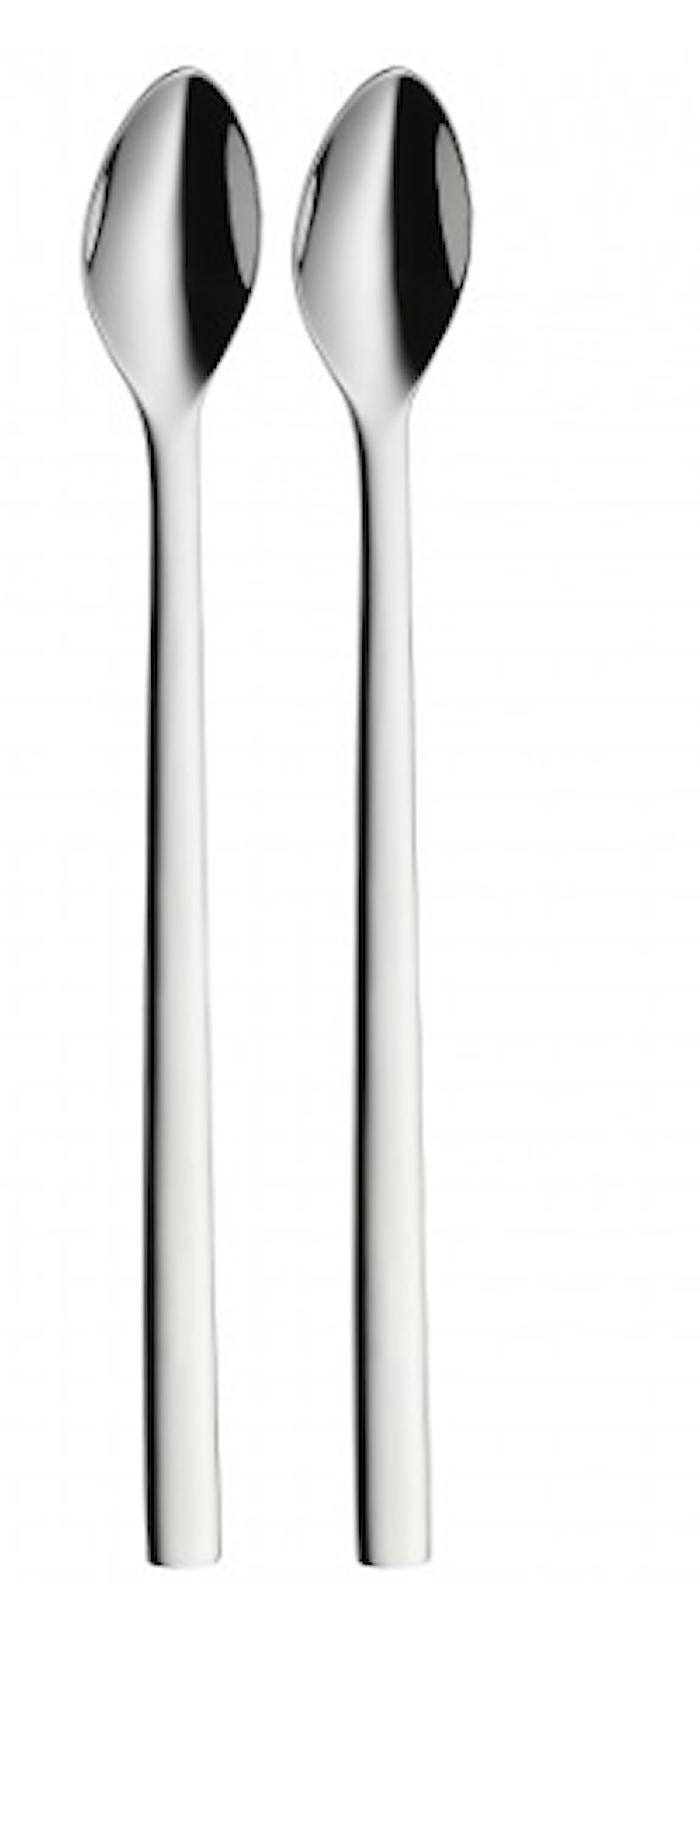 Nuova glasske blank stål 22 cm 2-pack